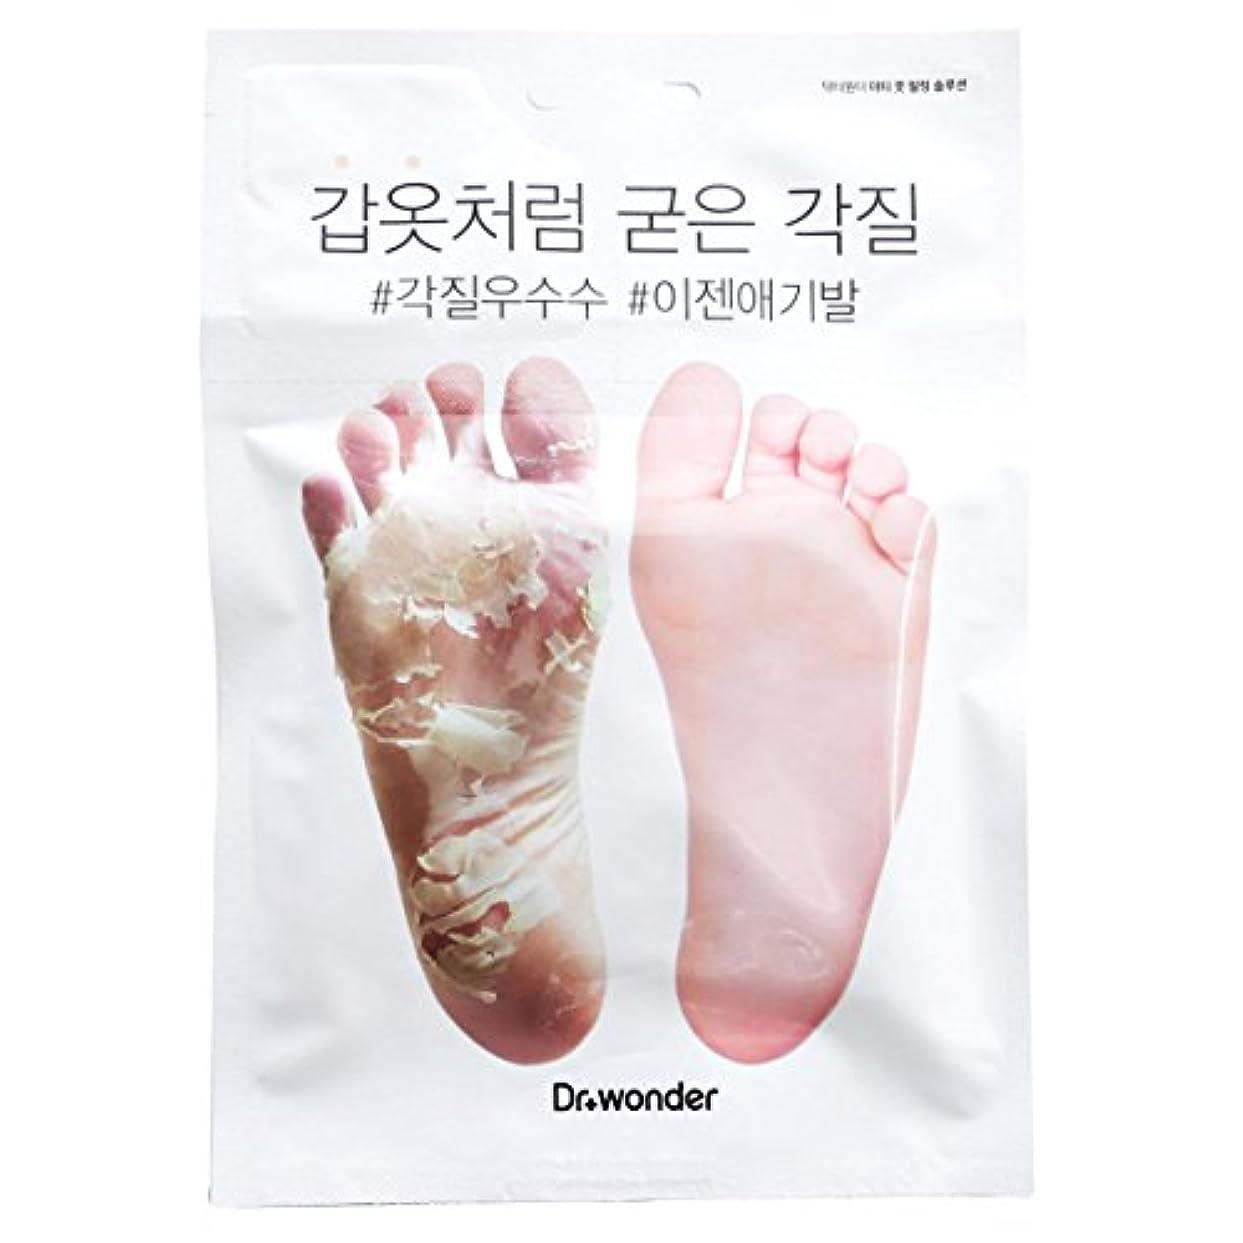 日の出クリスマスまばたき[ドクターワンダー/ Dr+ wonder] Good Bye, Dirty Foot! Doctor Wonder Crocodile Foot Mask Pack / ドクターワンダーワニバルペク/鎧のような硬い角質...